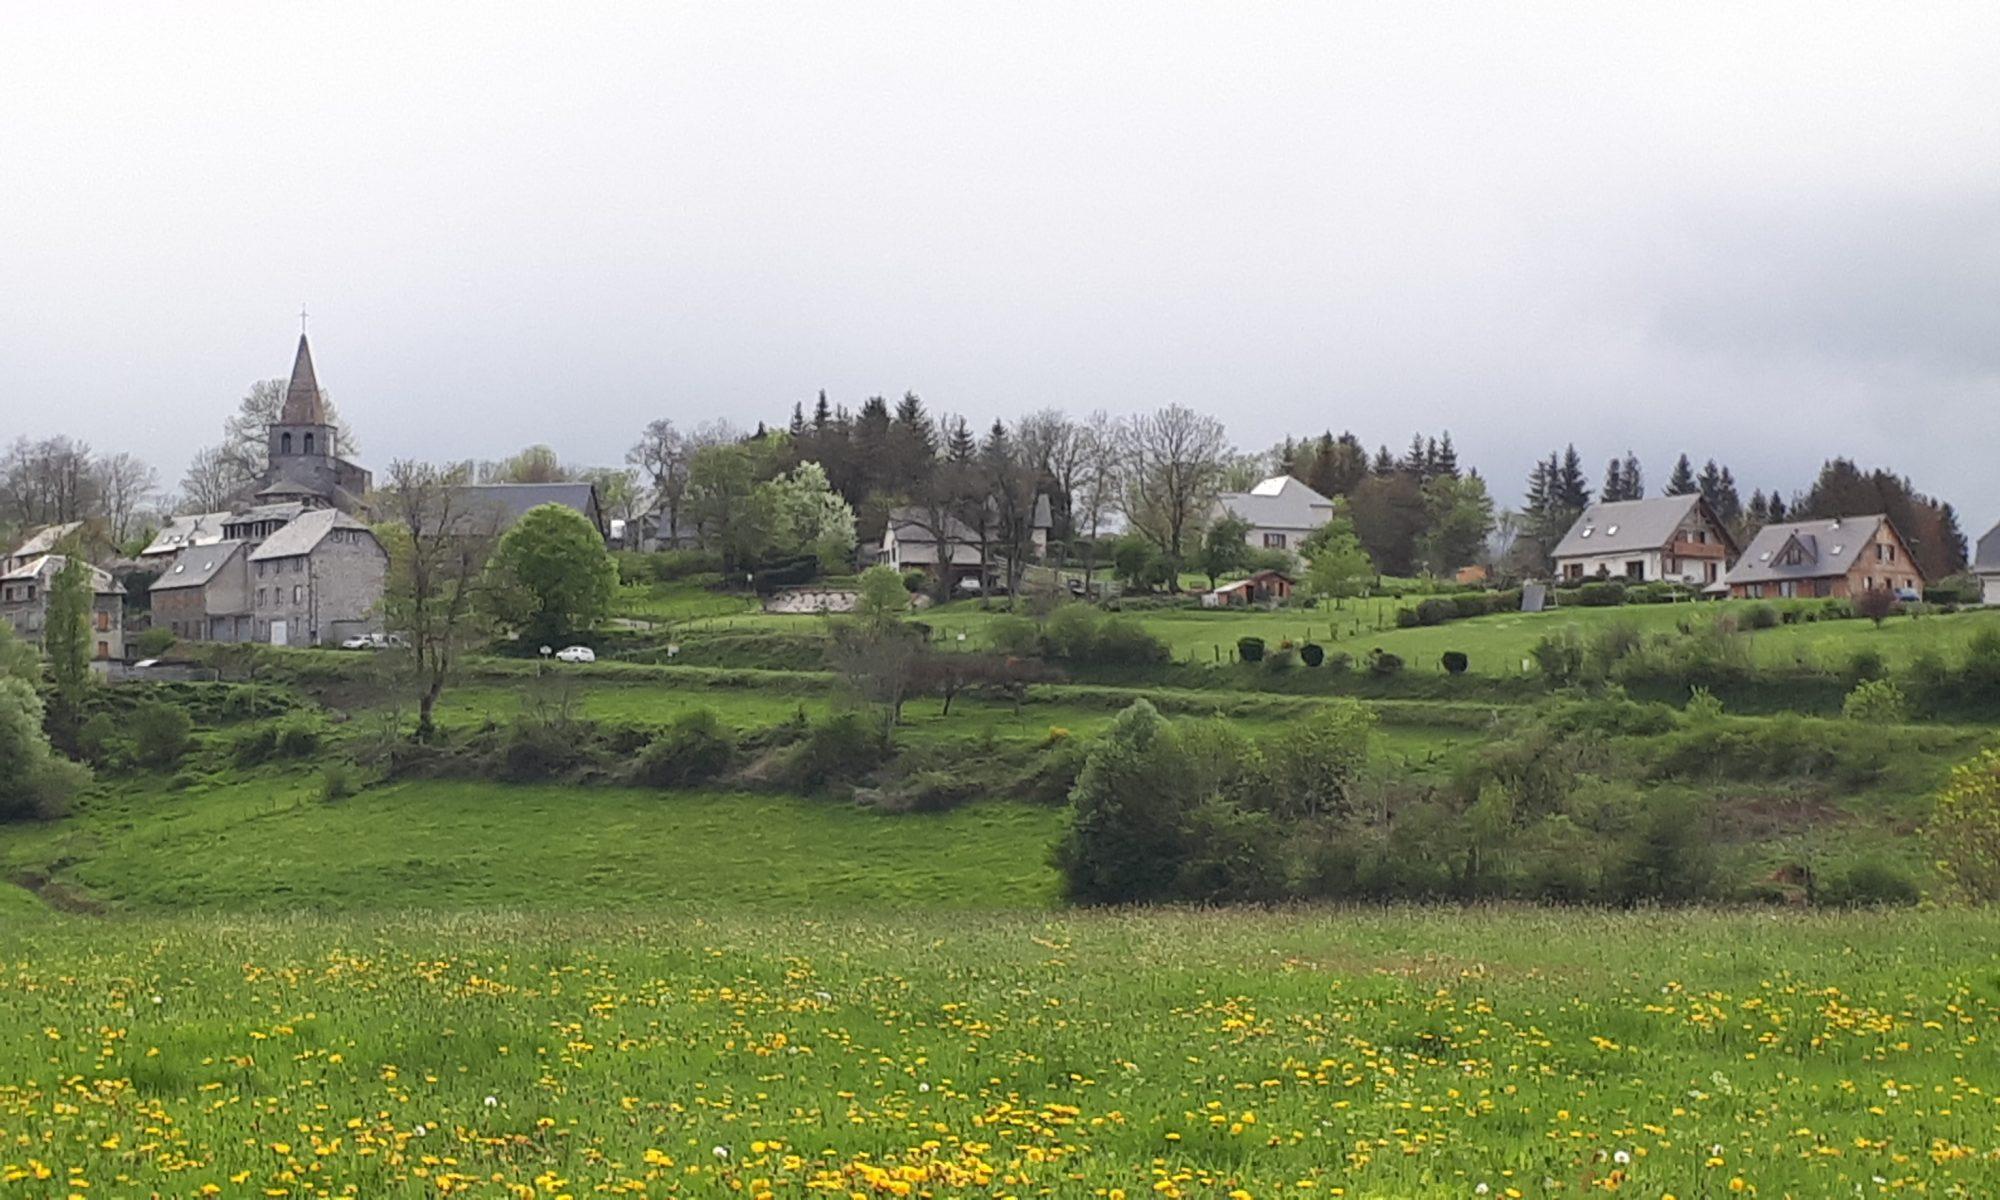 COMMUNE DE SAINT-VICTOR-LA-RIVIERE